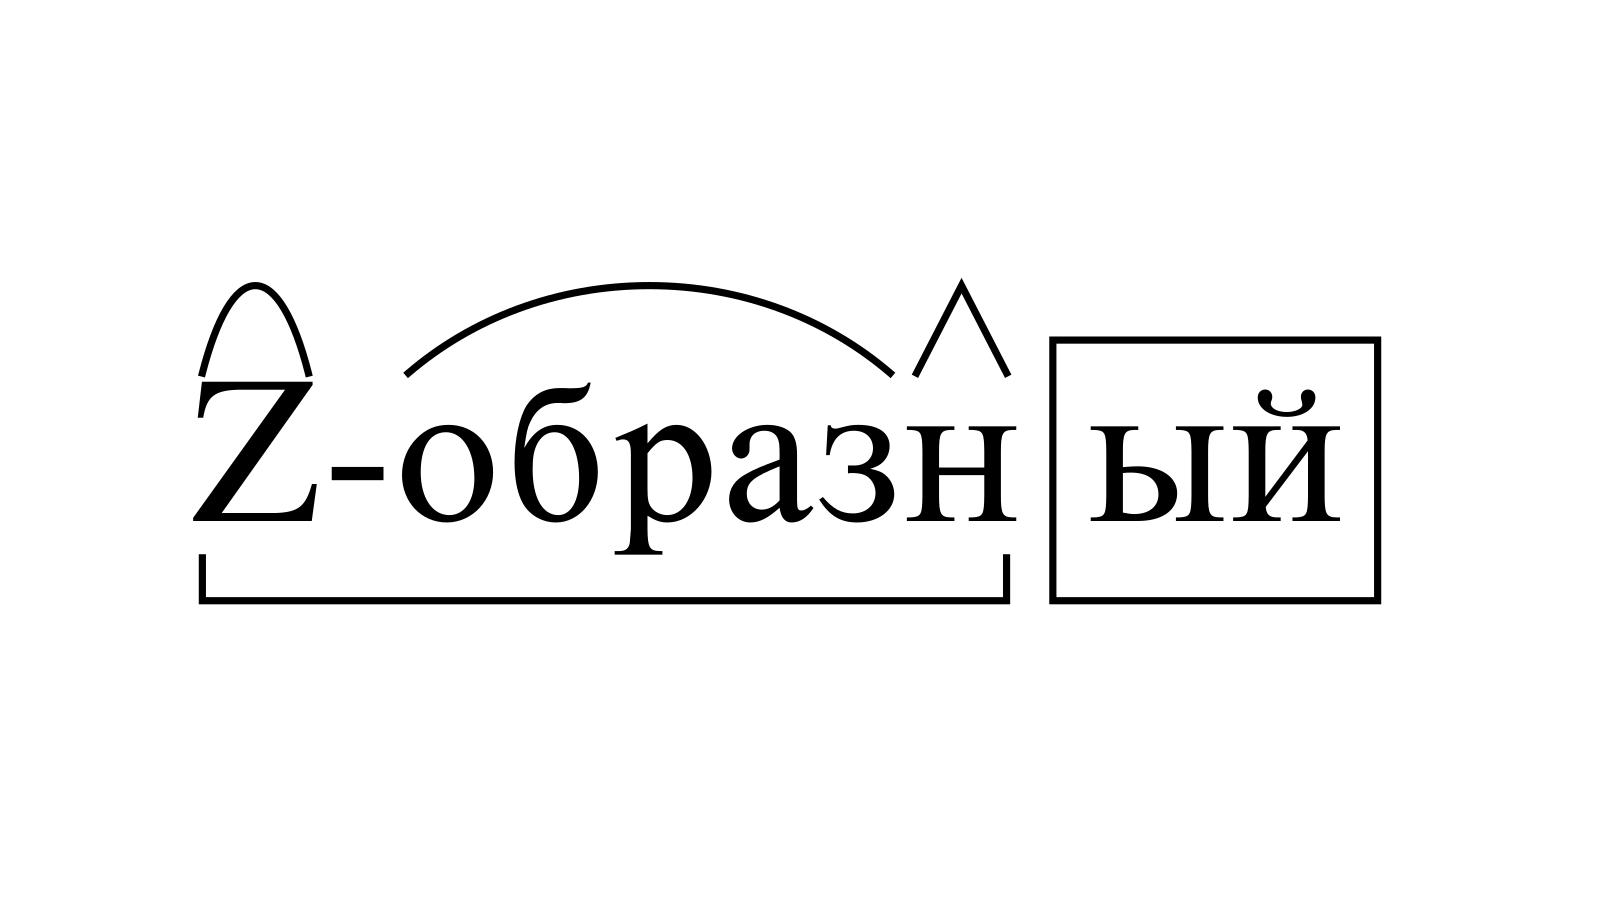 Разбор слова «Z-образный» по составу